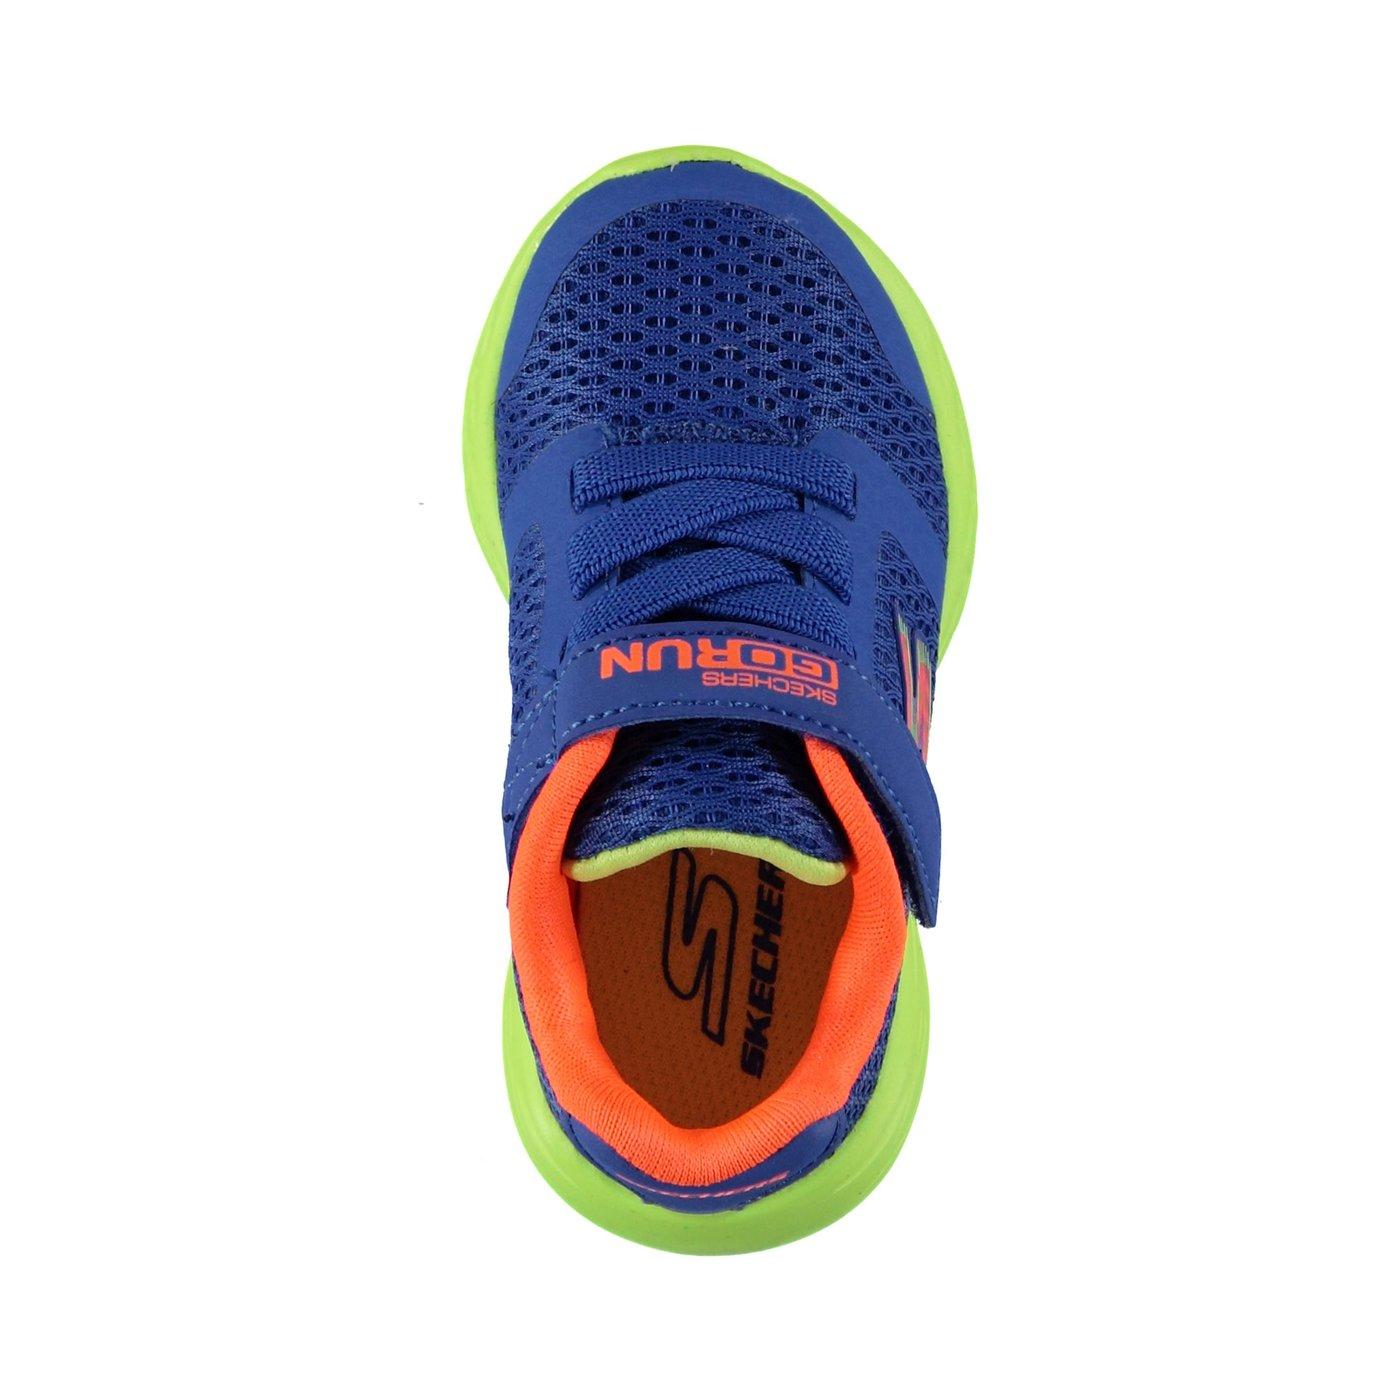 Skechers Go Run 600- Roxlo Erkek Çocuk Mavi-Açık Yeşil Spor Ayakkabı